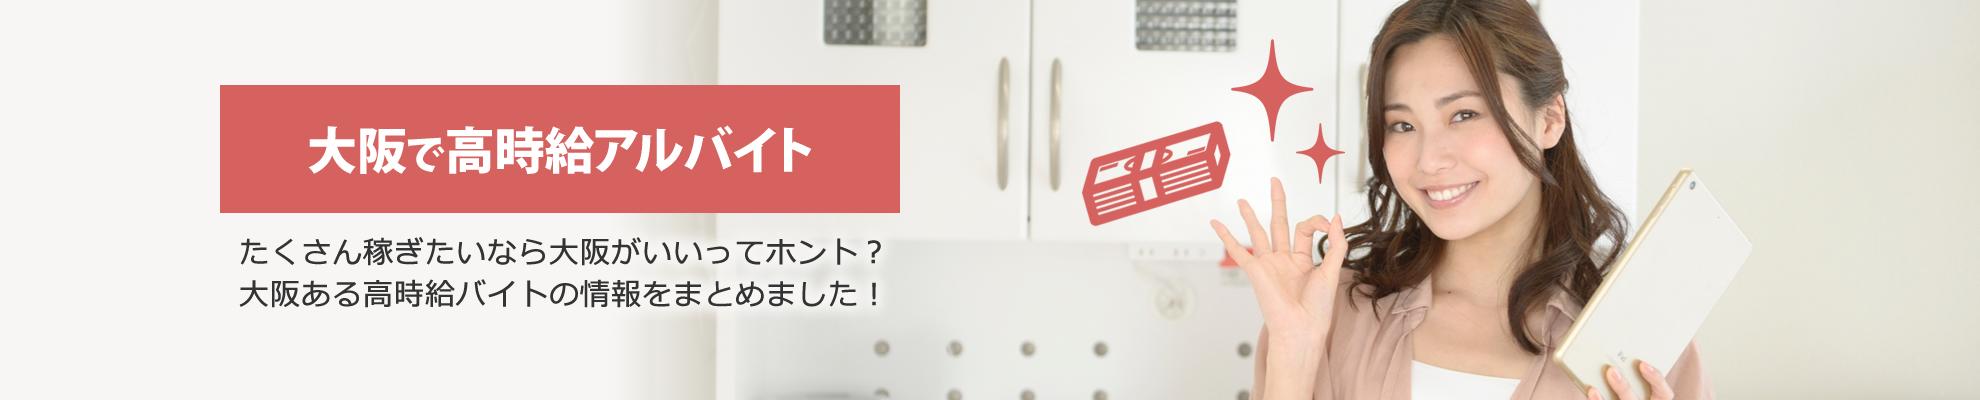 大阪副業高時給アルバイト求人のお仕事とは?